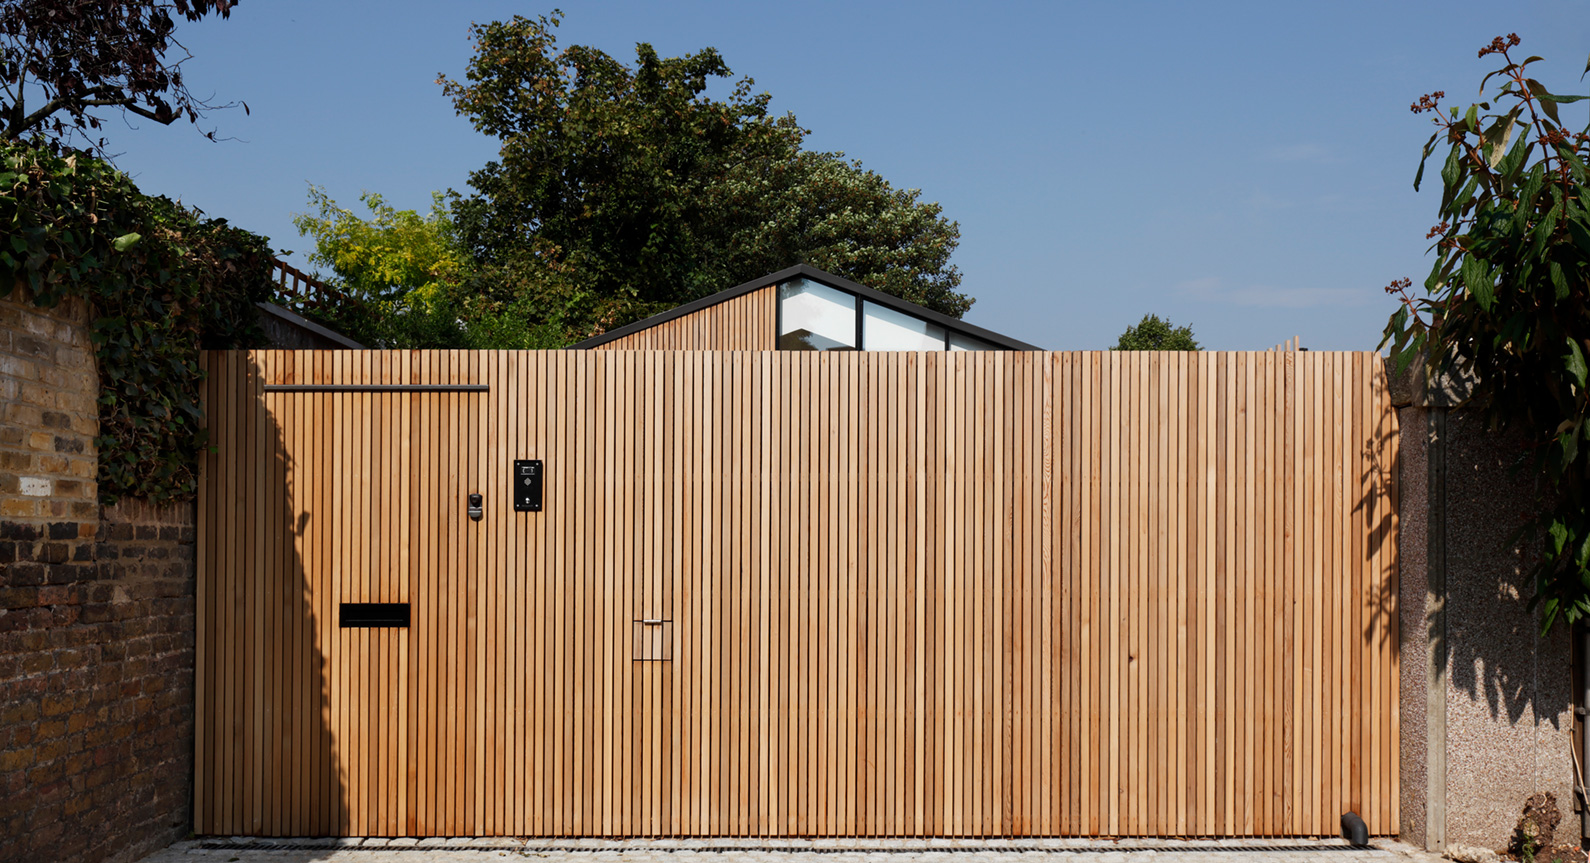 De Rosee Sa Transform Forgotten Garage Into An Incredible Modern Residence